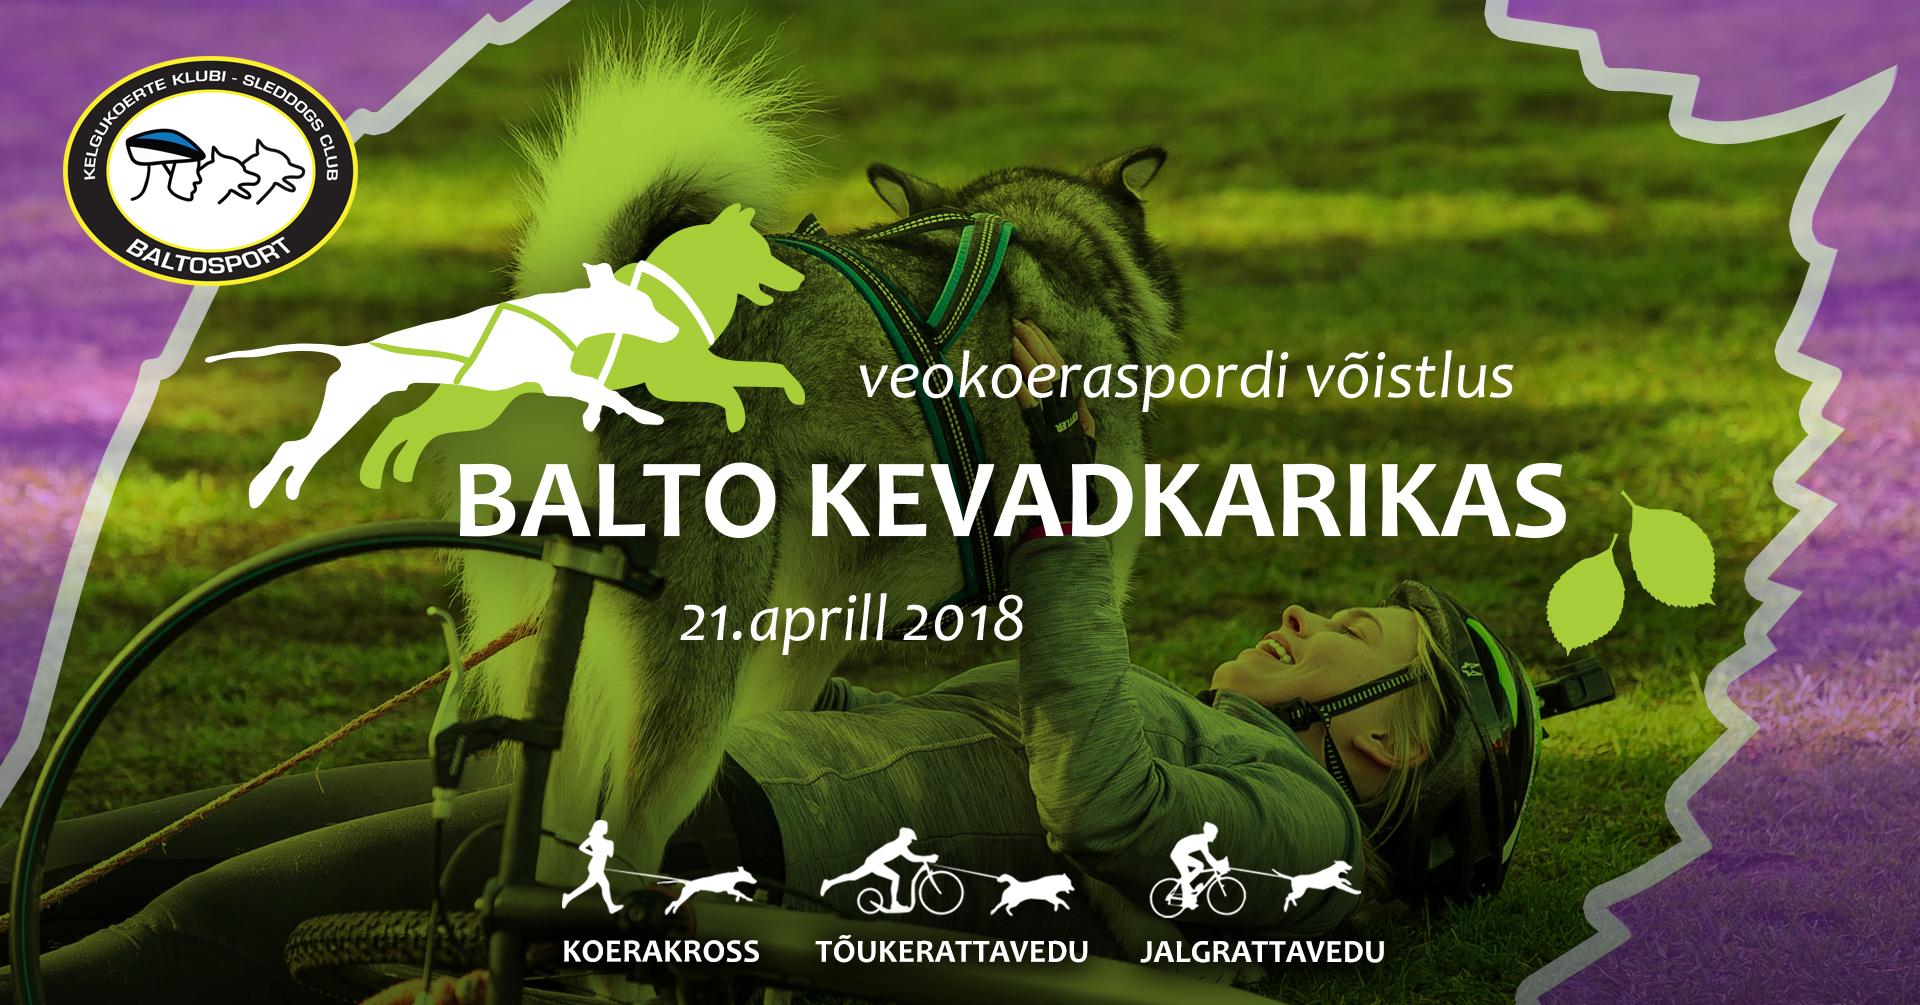 Veokoeraspordi võistlus Balto Kevadkariaks